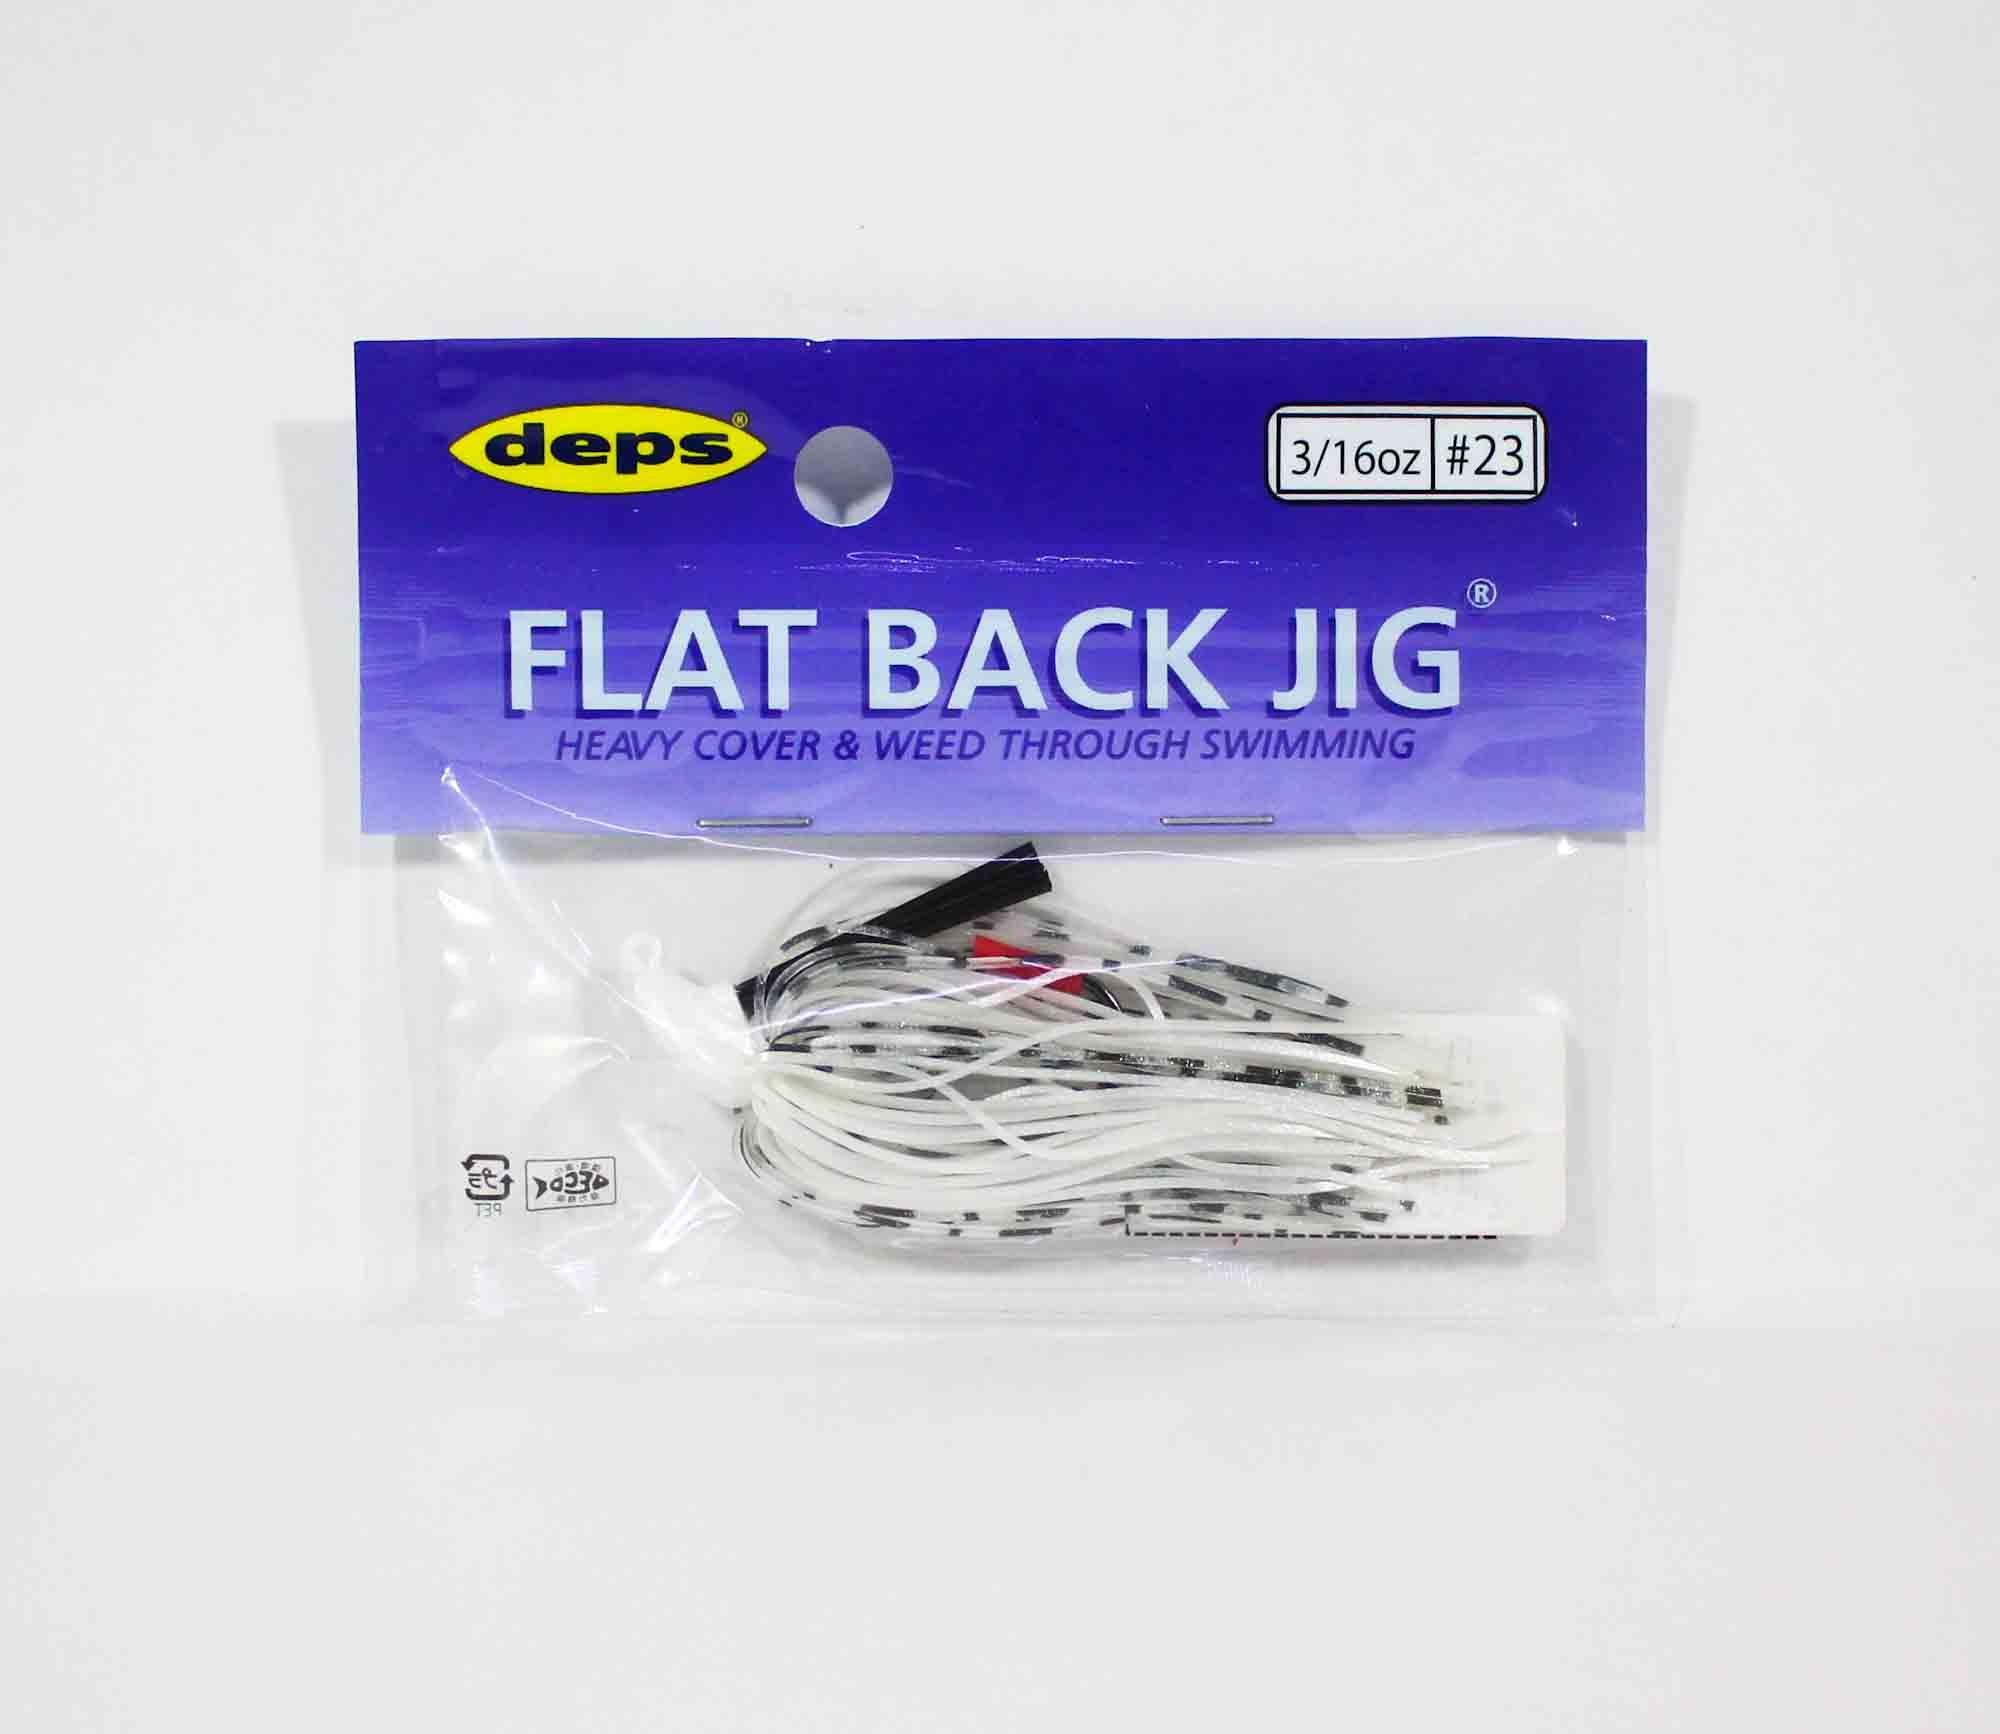 Deps Flat Back Jig Rubber 3/16 oz 23 (5237)